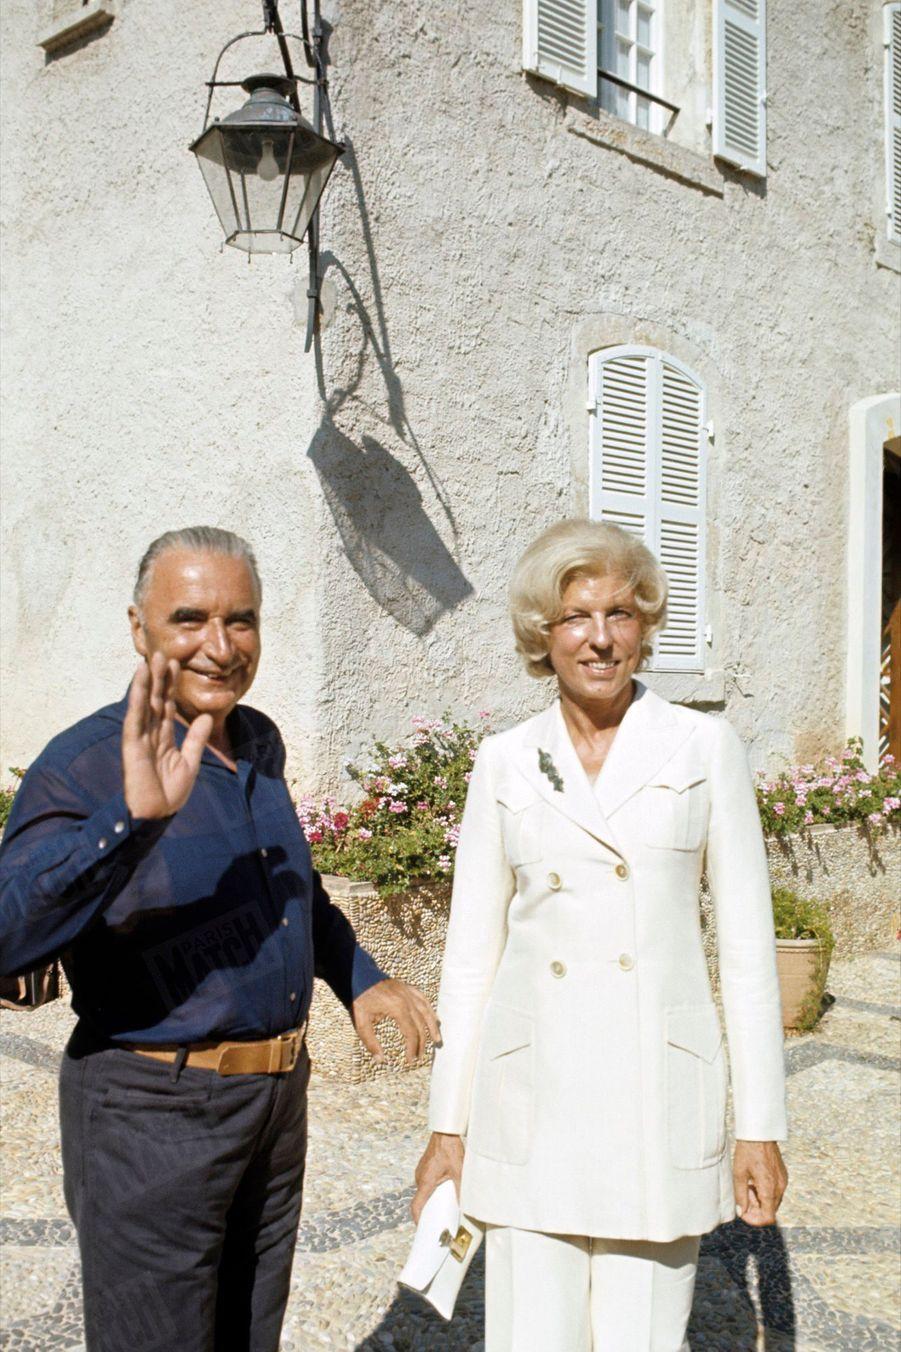 Georges Pompidouavec son épouse Claudelors de vacances au fort de Brégançon, en août 1970.